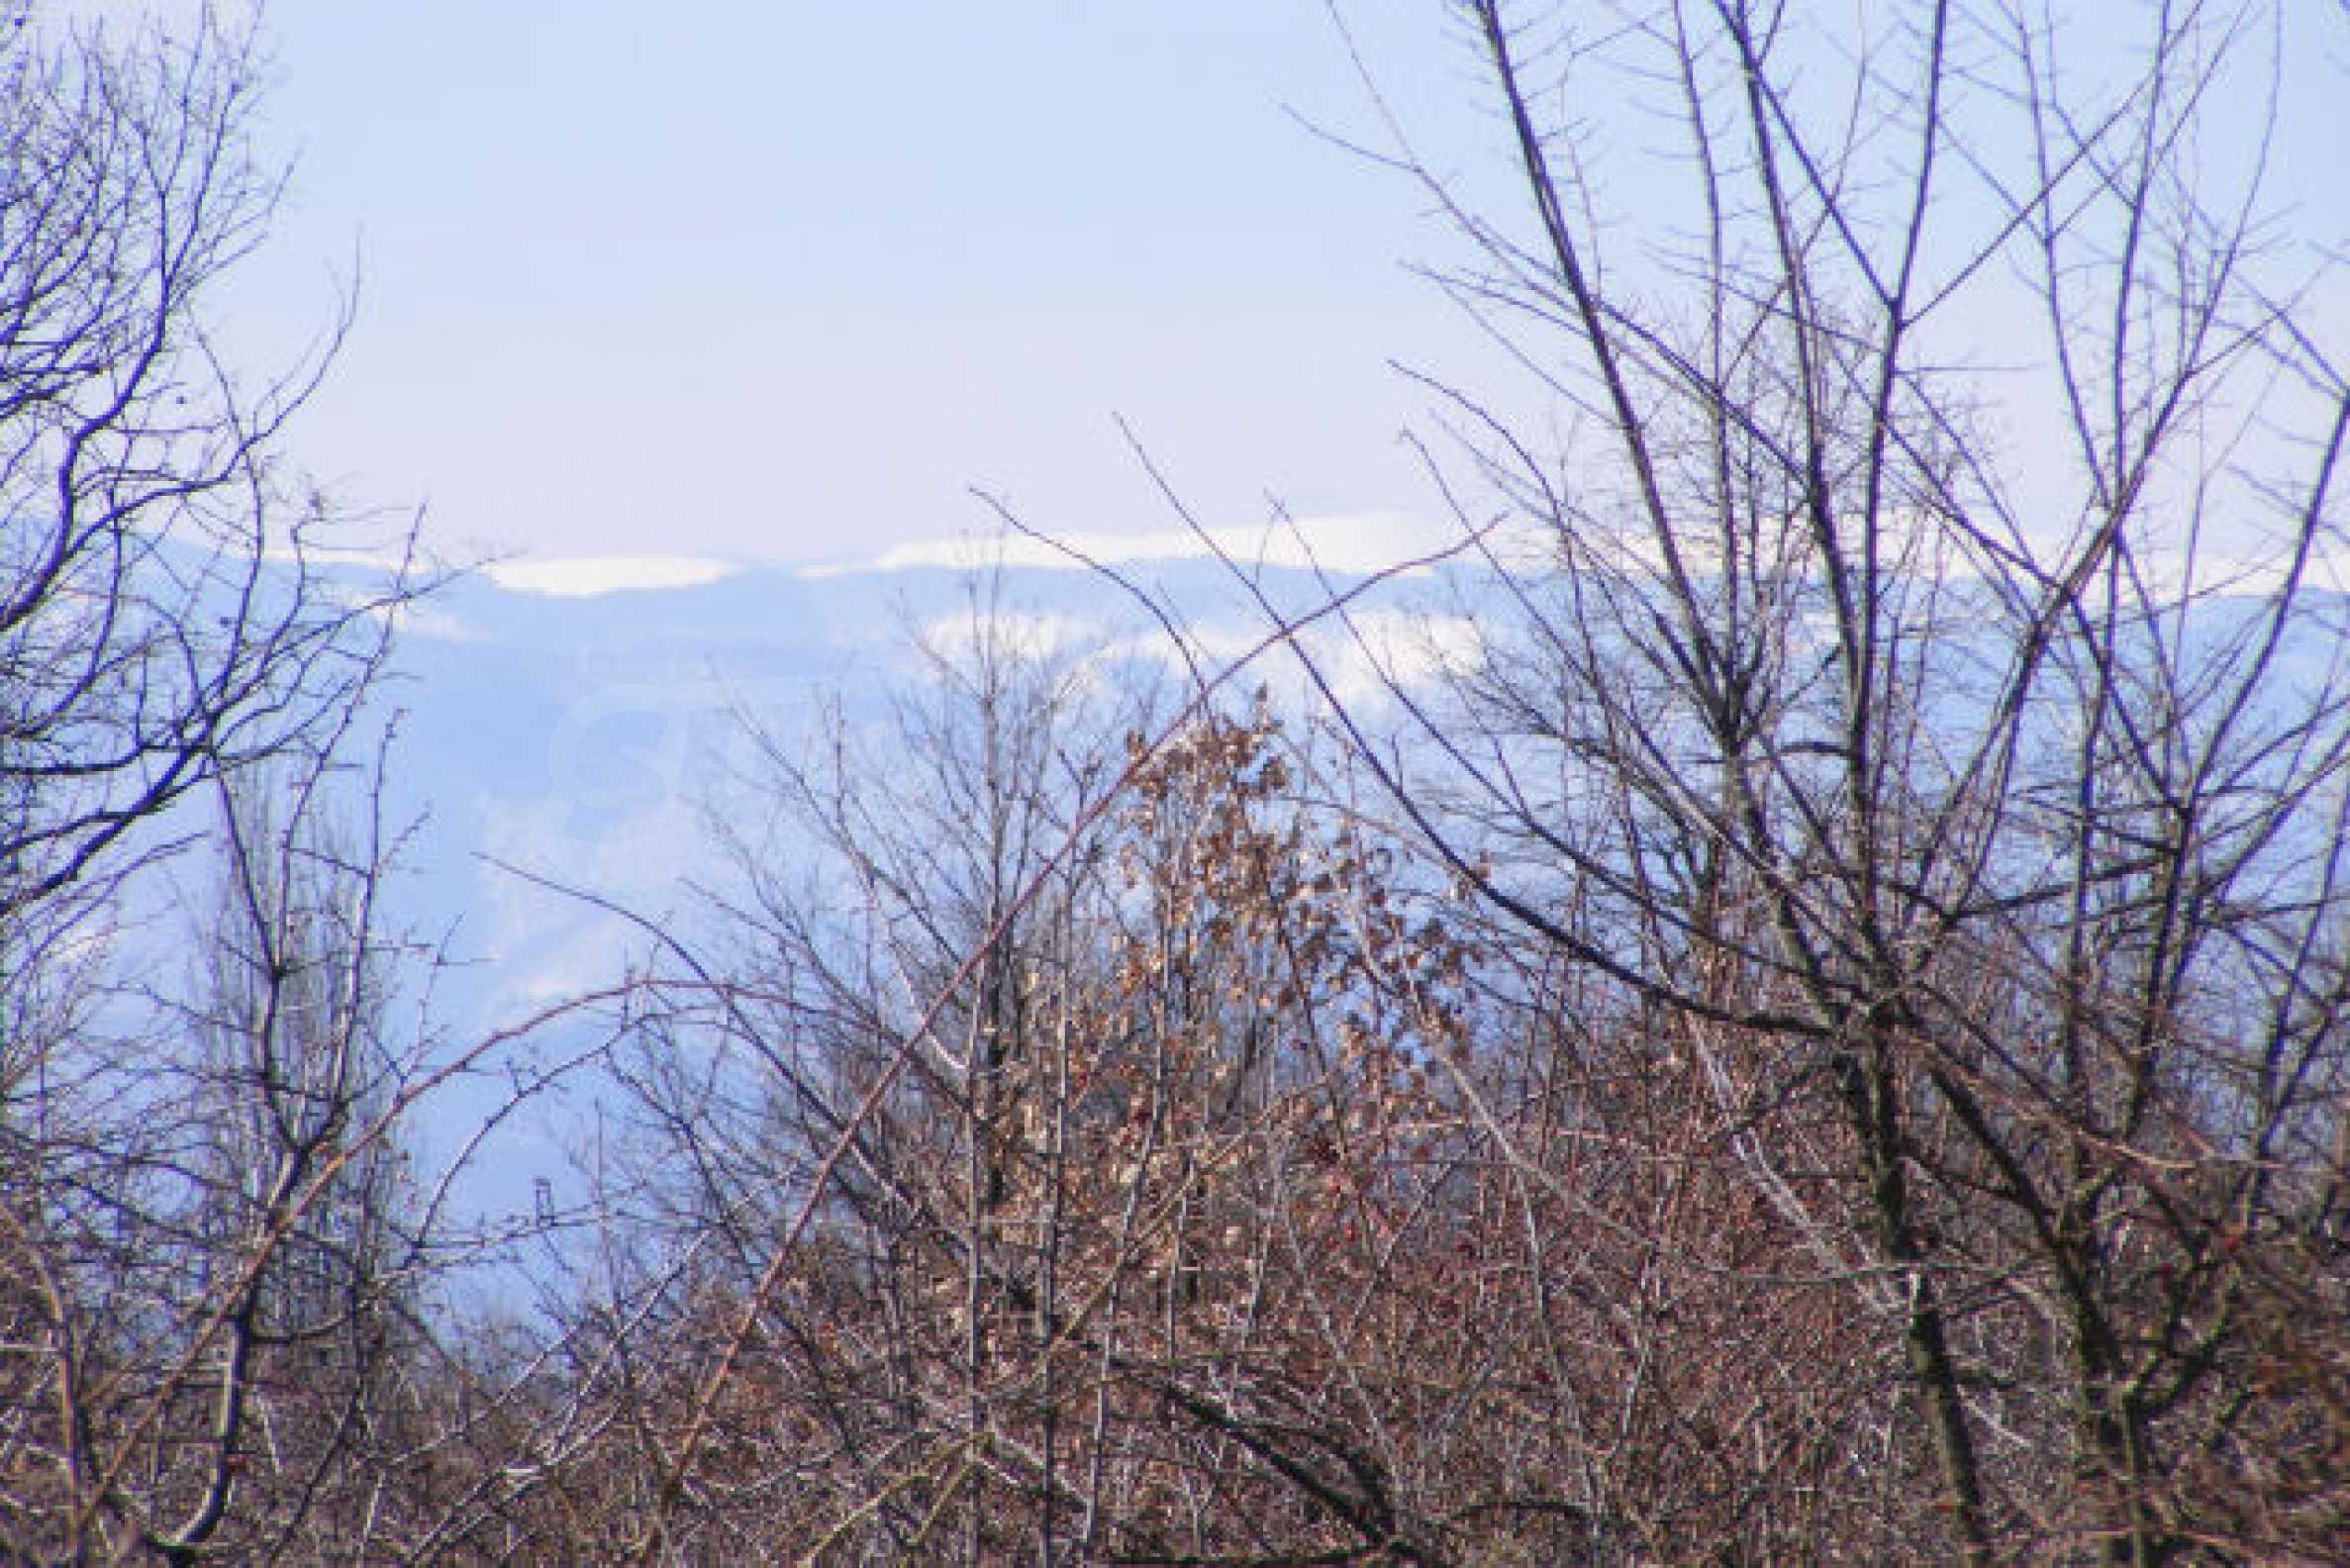 Сельскохозяйственная земля вблизи г. Монтана 6